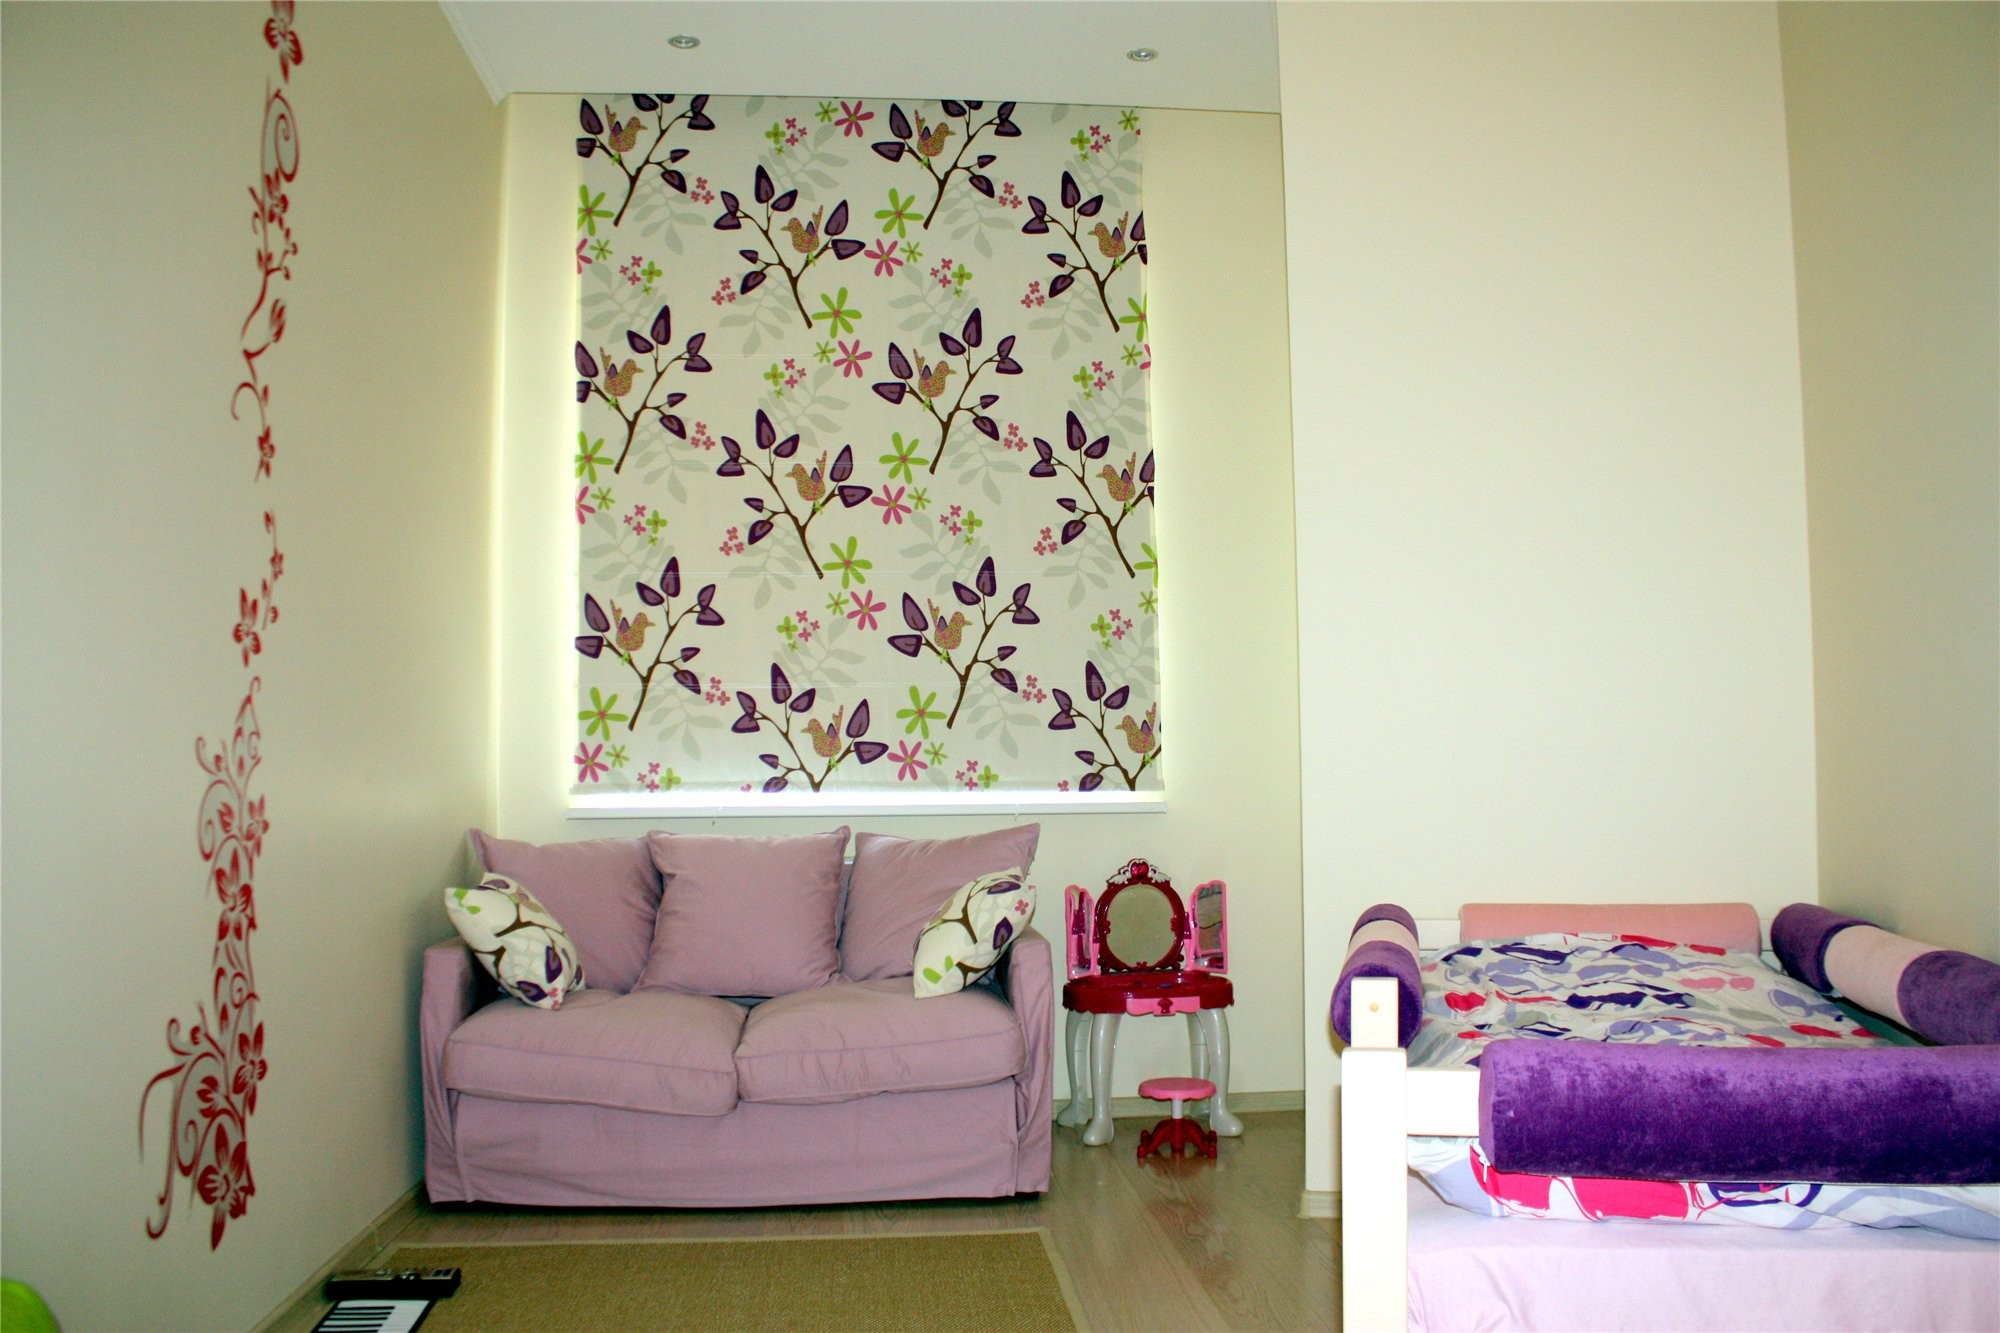 Как обновить мебельную стенку своими руками? Фото, видео 8